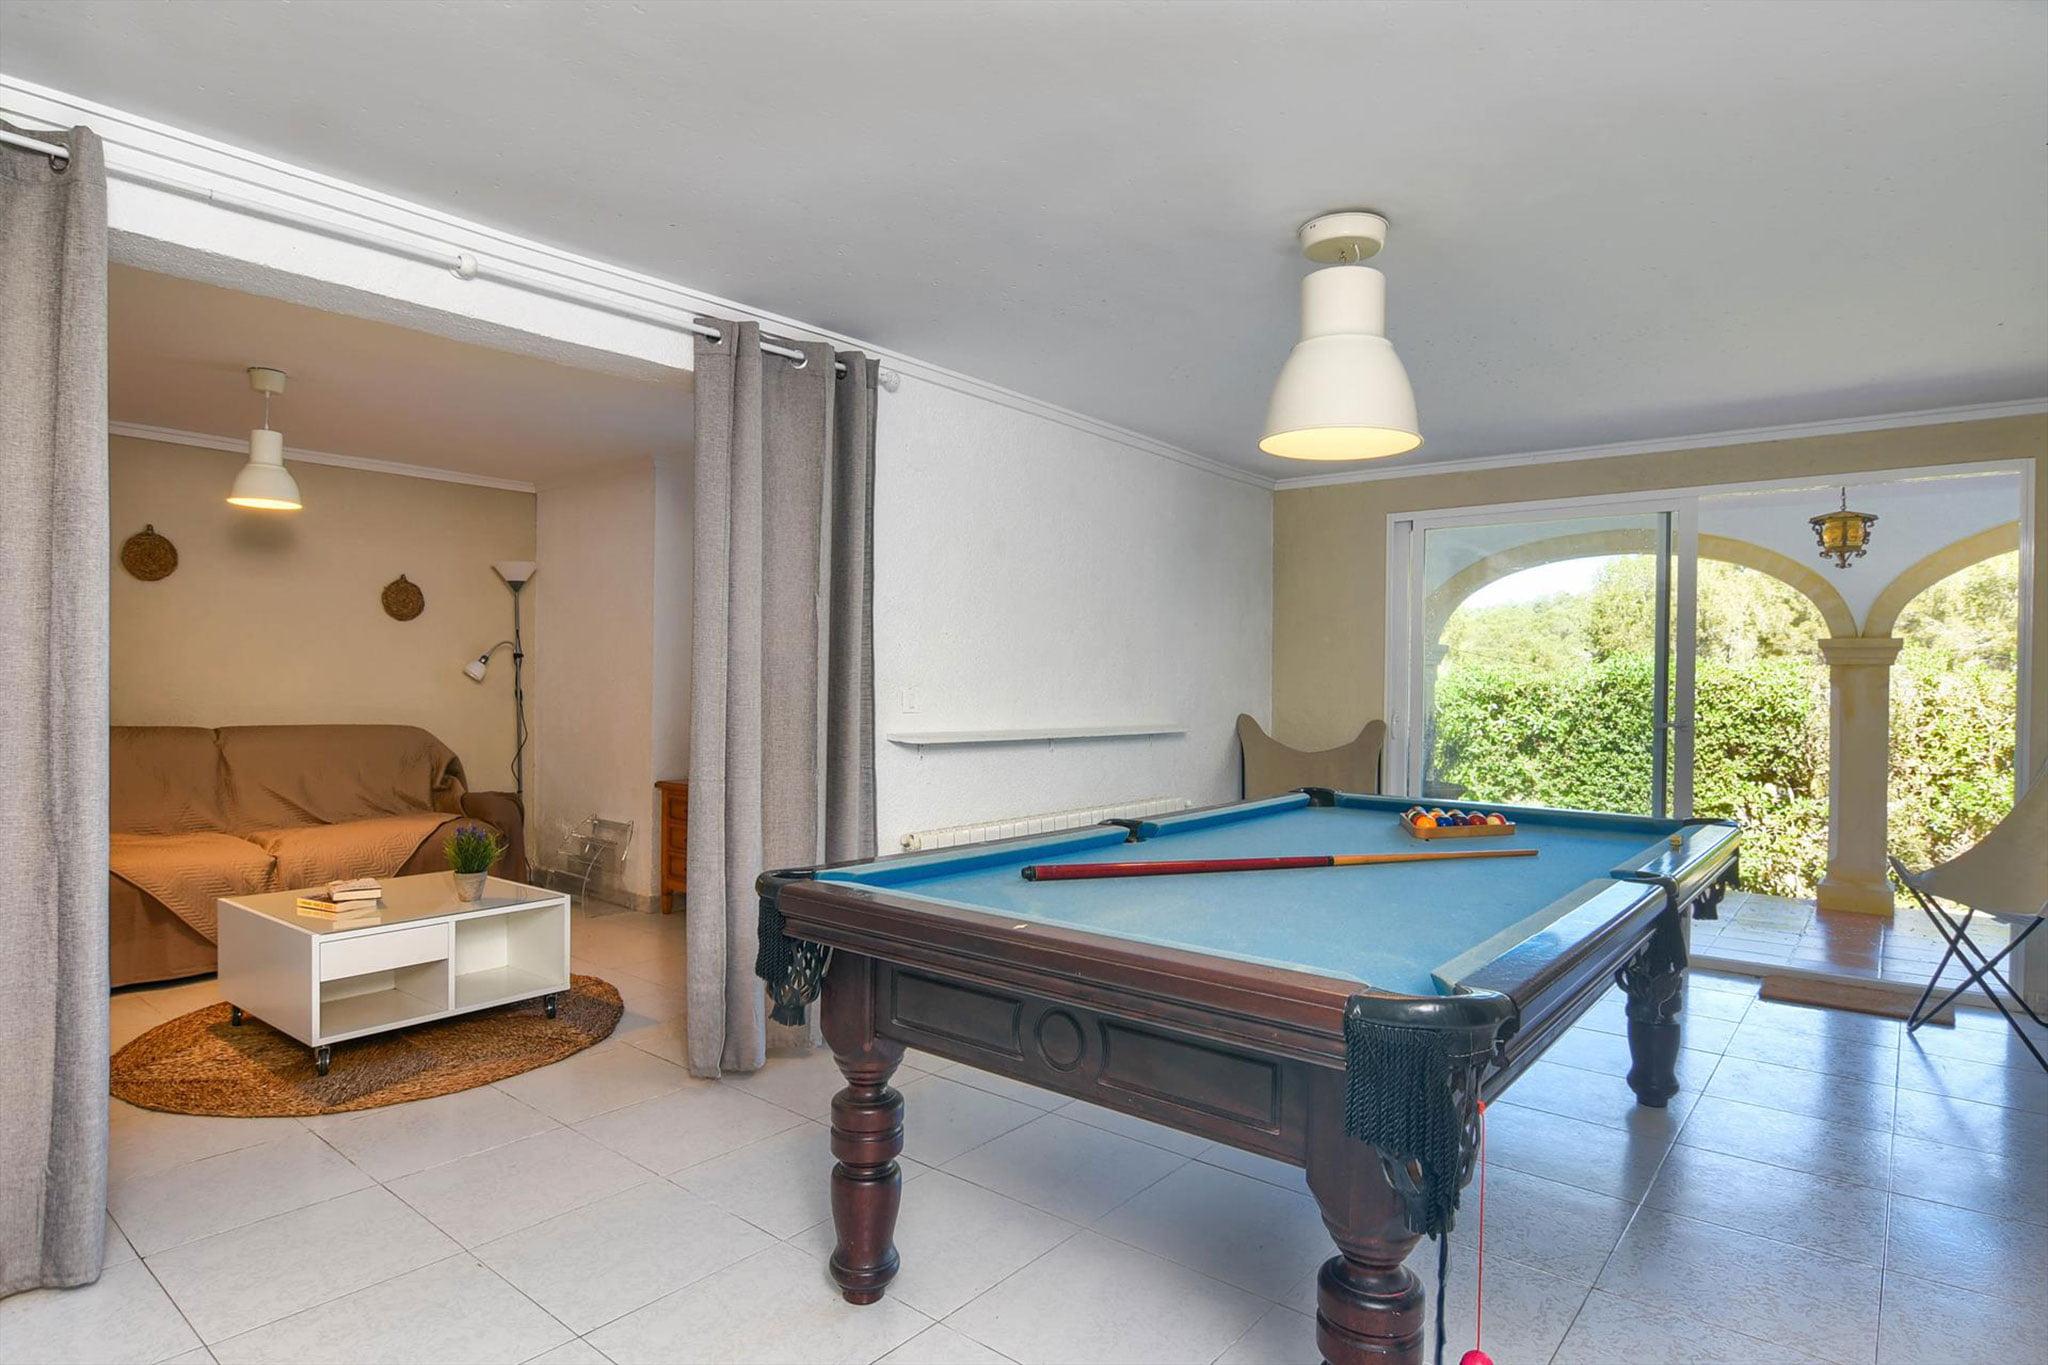 Sala de billar en una casa de alquiler para vacaciones en Jávea – Aguila Rent a Villa